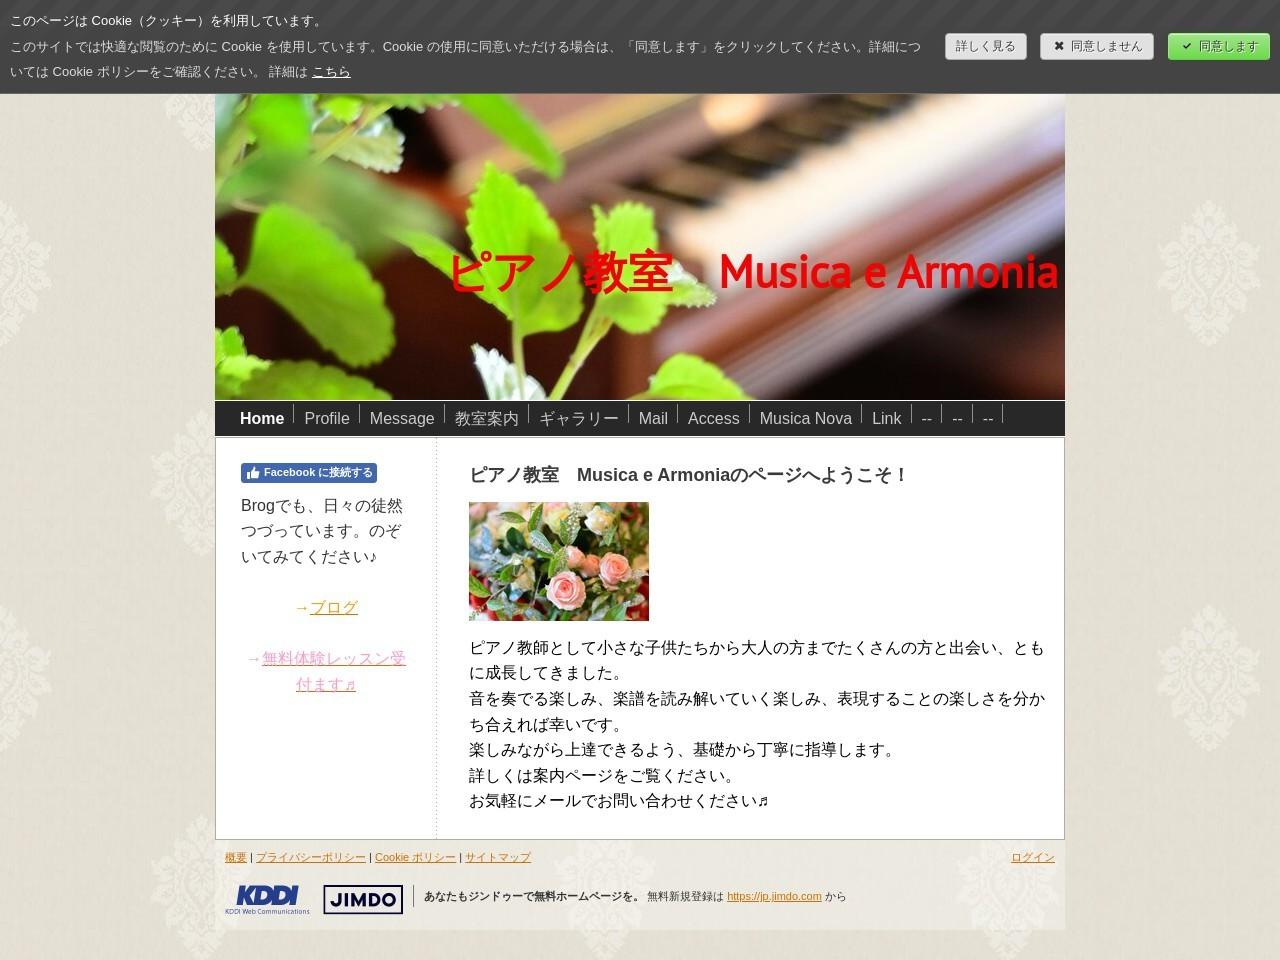 ピアノ教室Musica e Armoniaのサムネイル